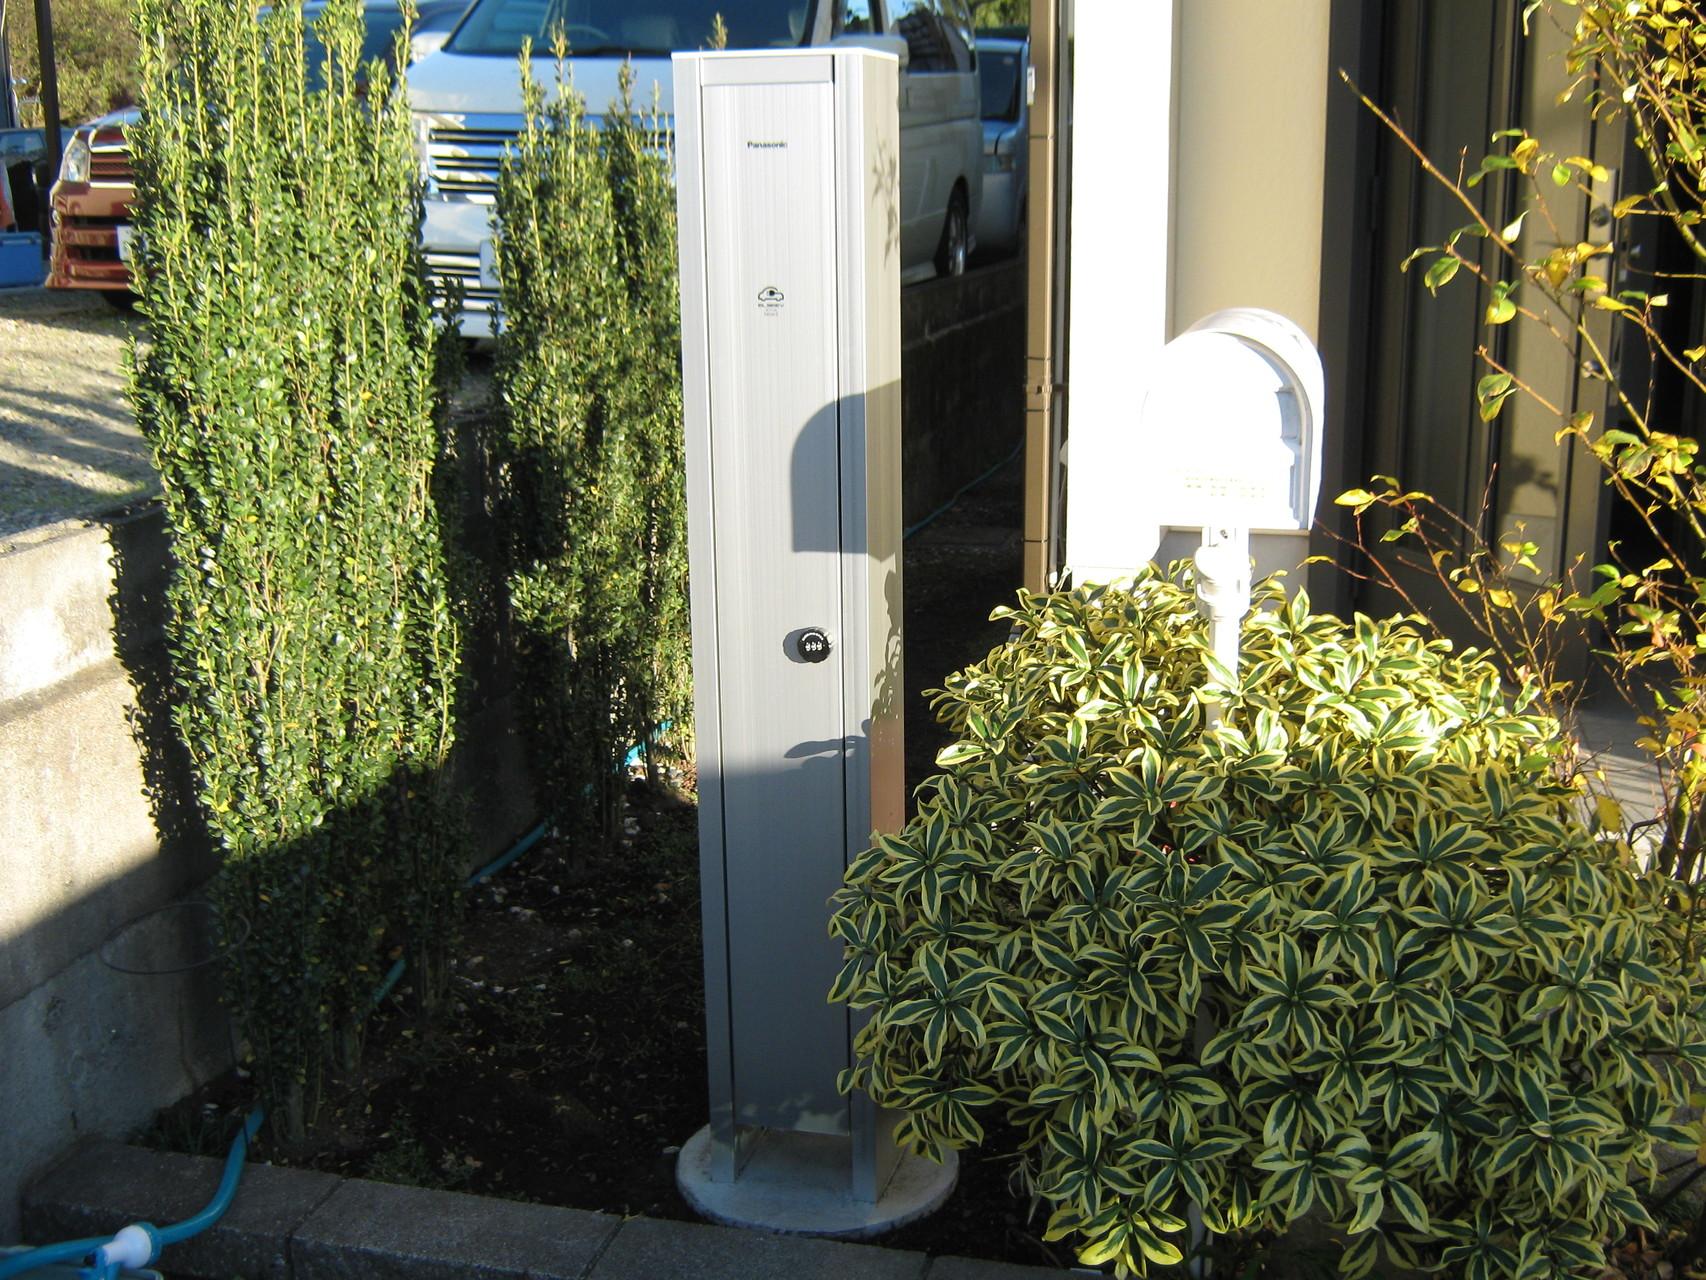 パナソニック 充電スタンド 富士市 電気自動車充電設備工事